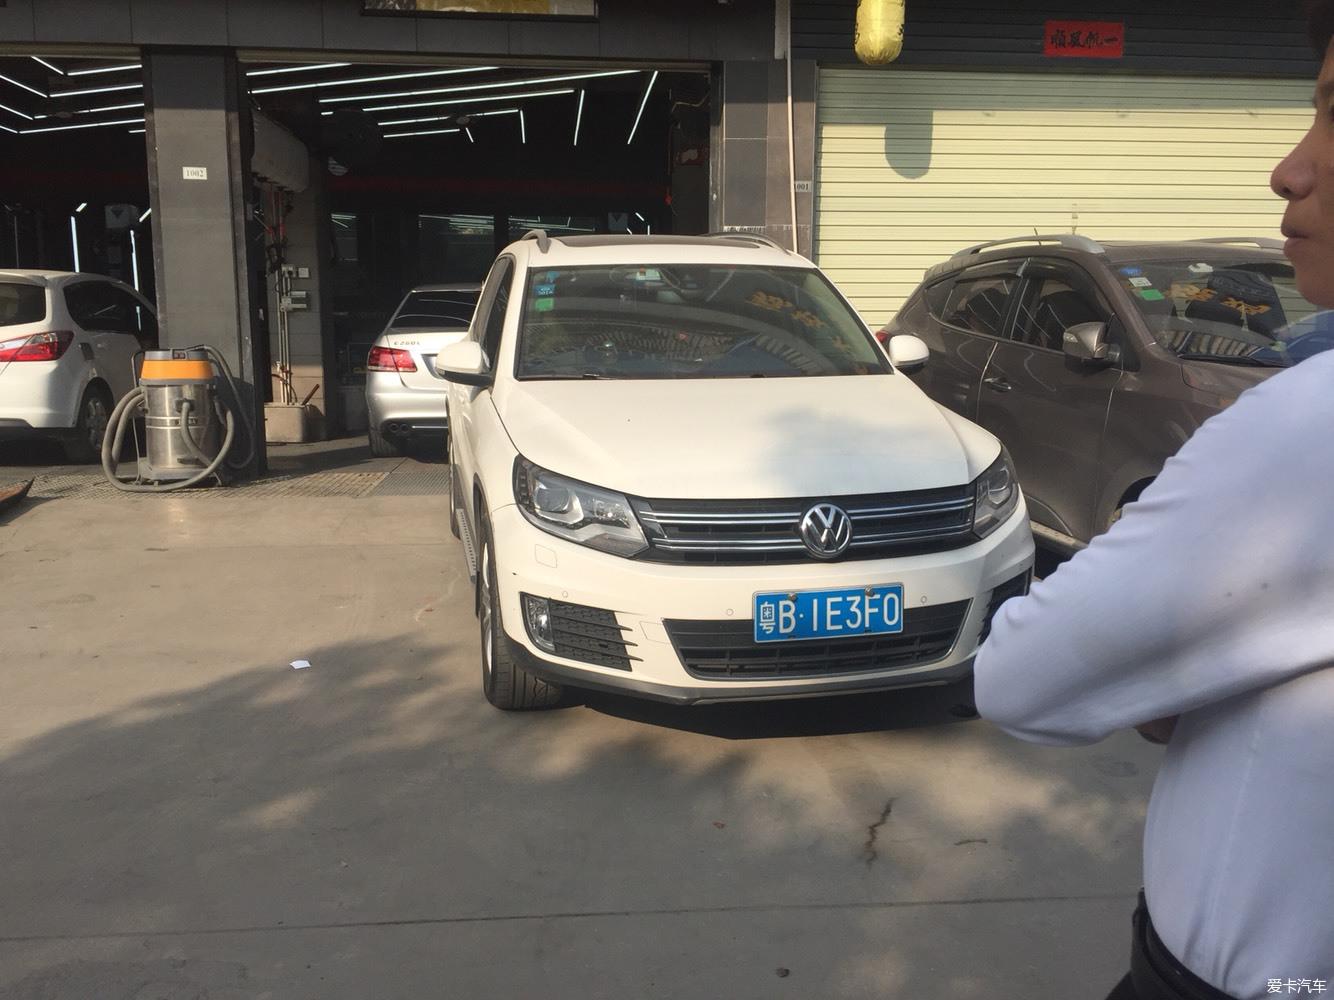 事实证明对付乱停车的无赖没有任何办法_深圳